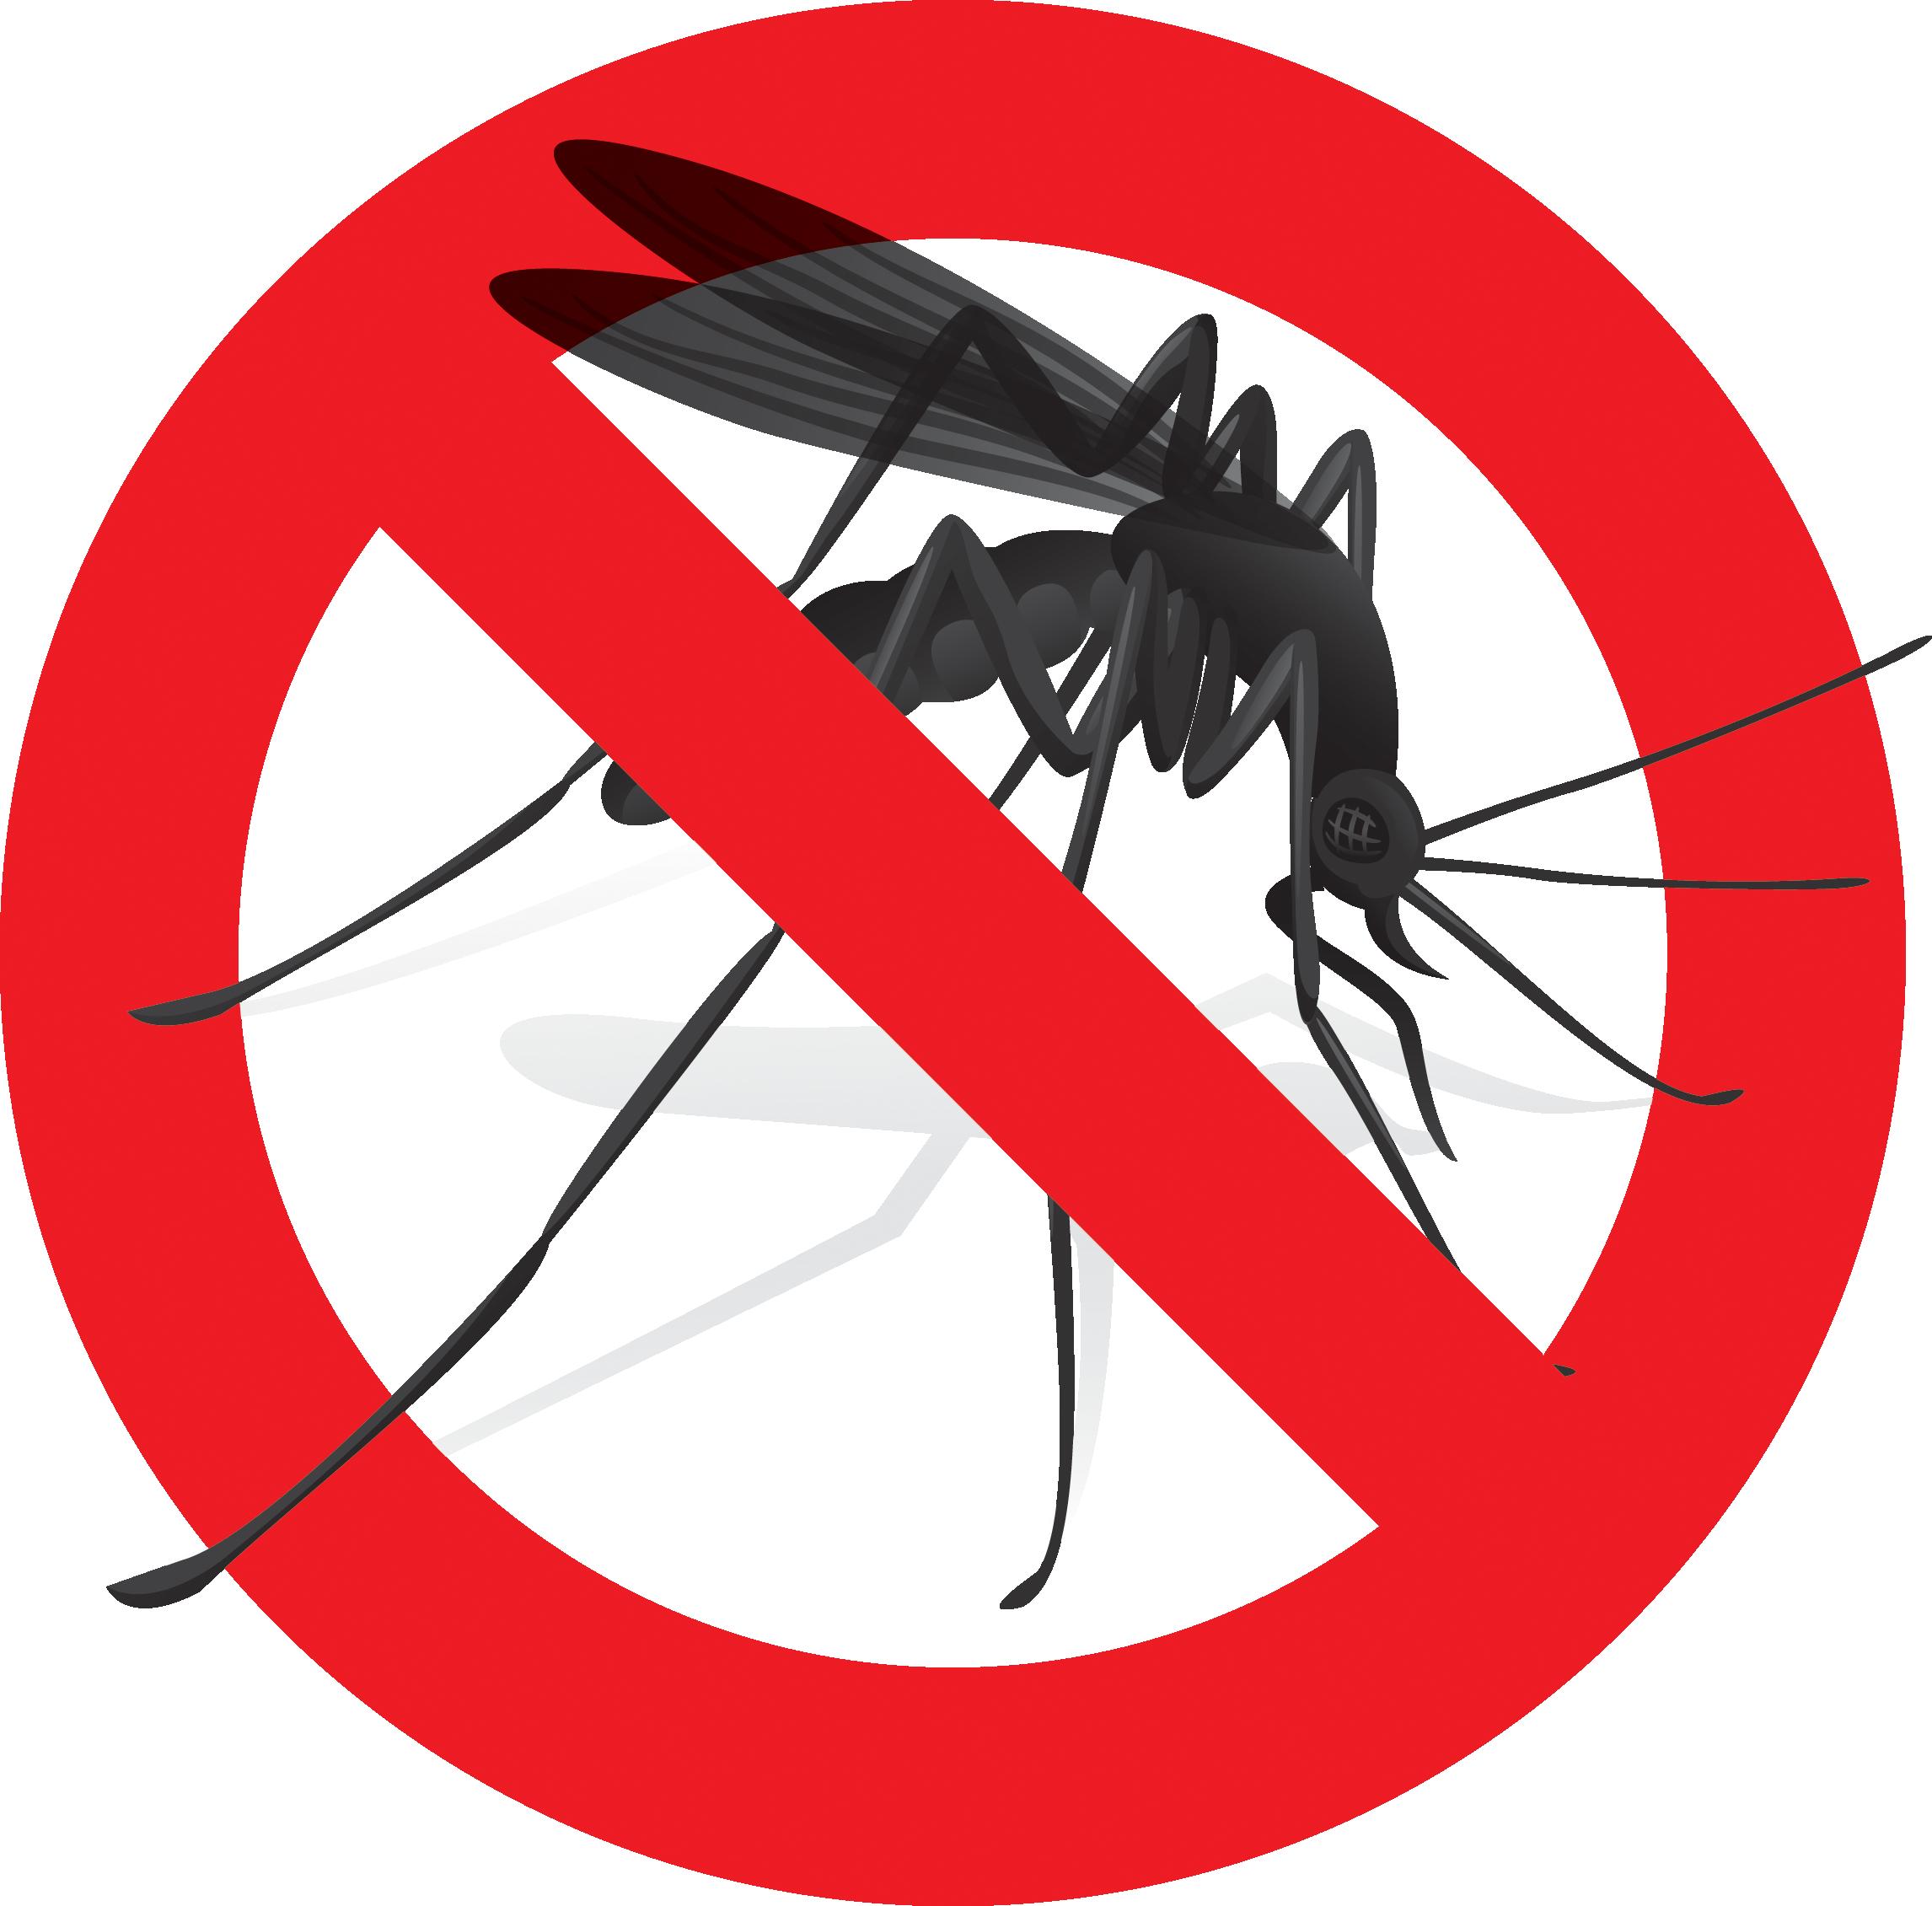 NoMosquito-e1456928186651